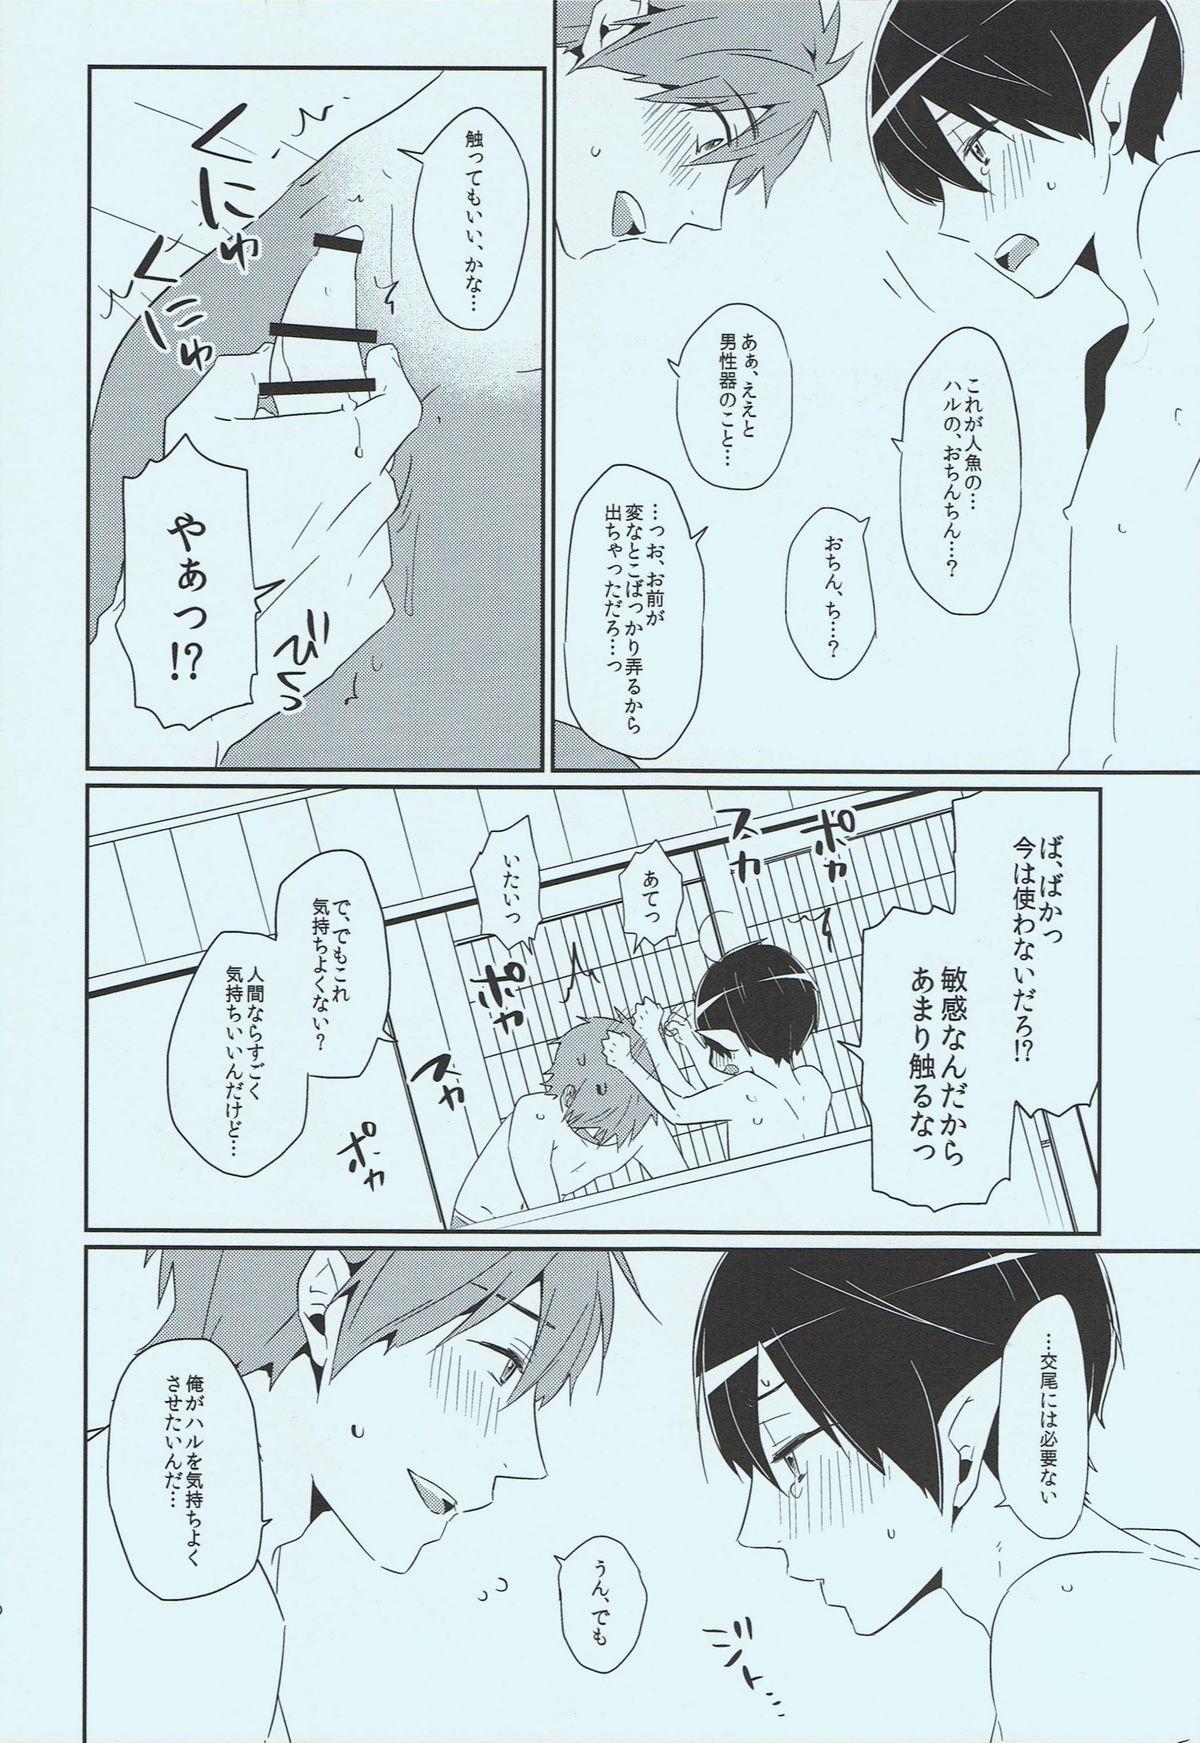 Tadashii Ningyo no Aishikata 23